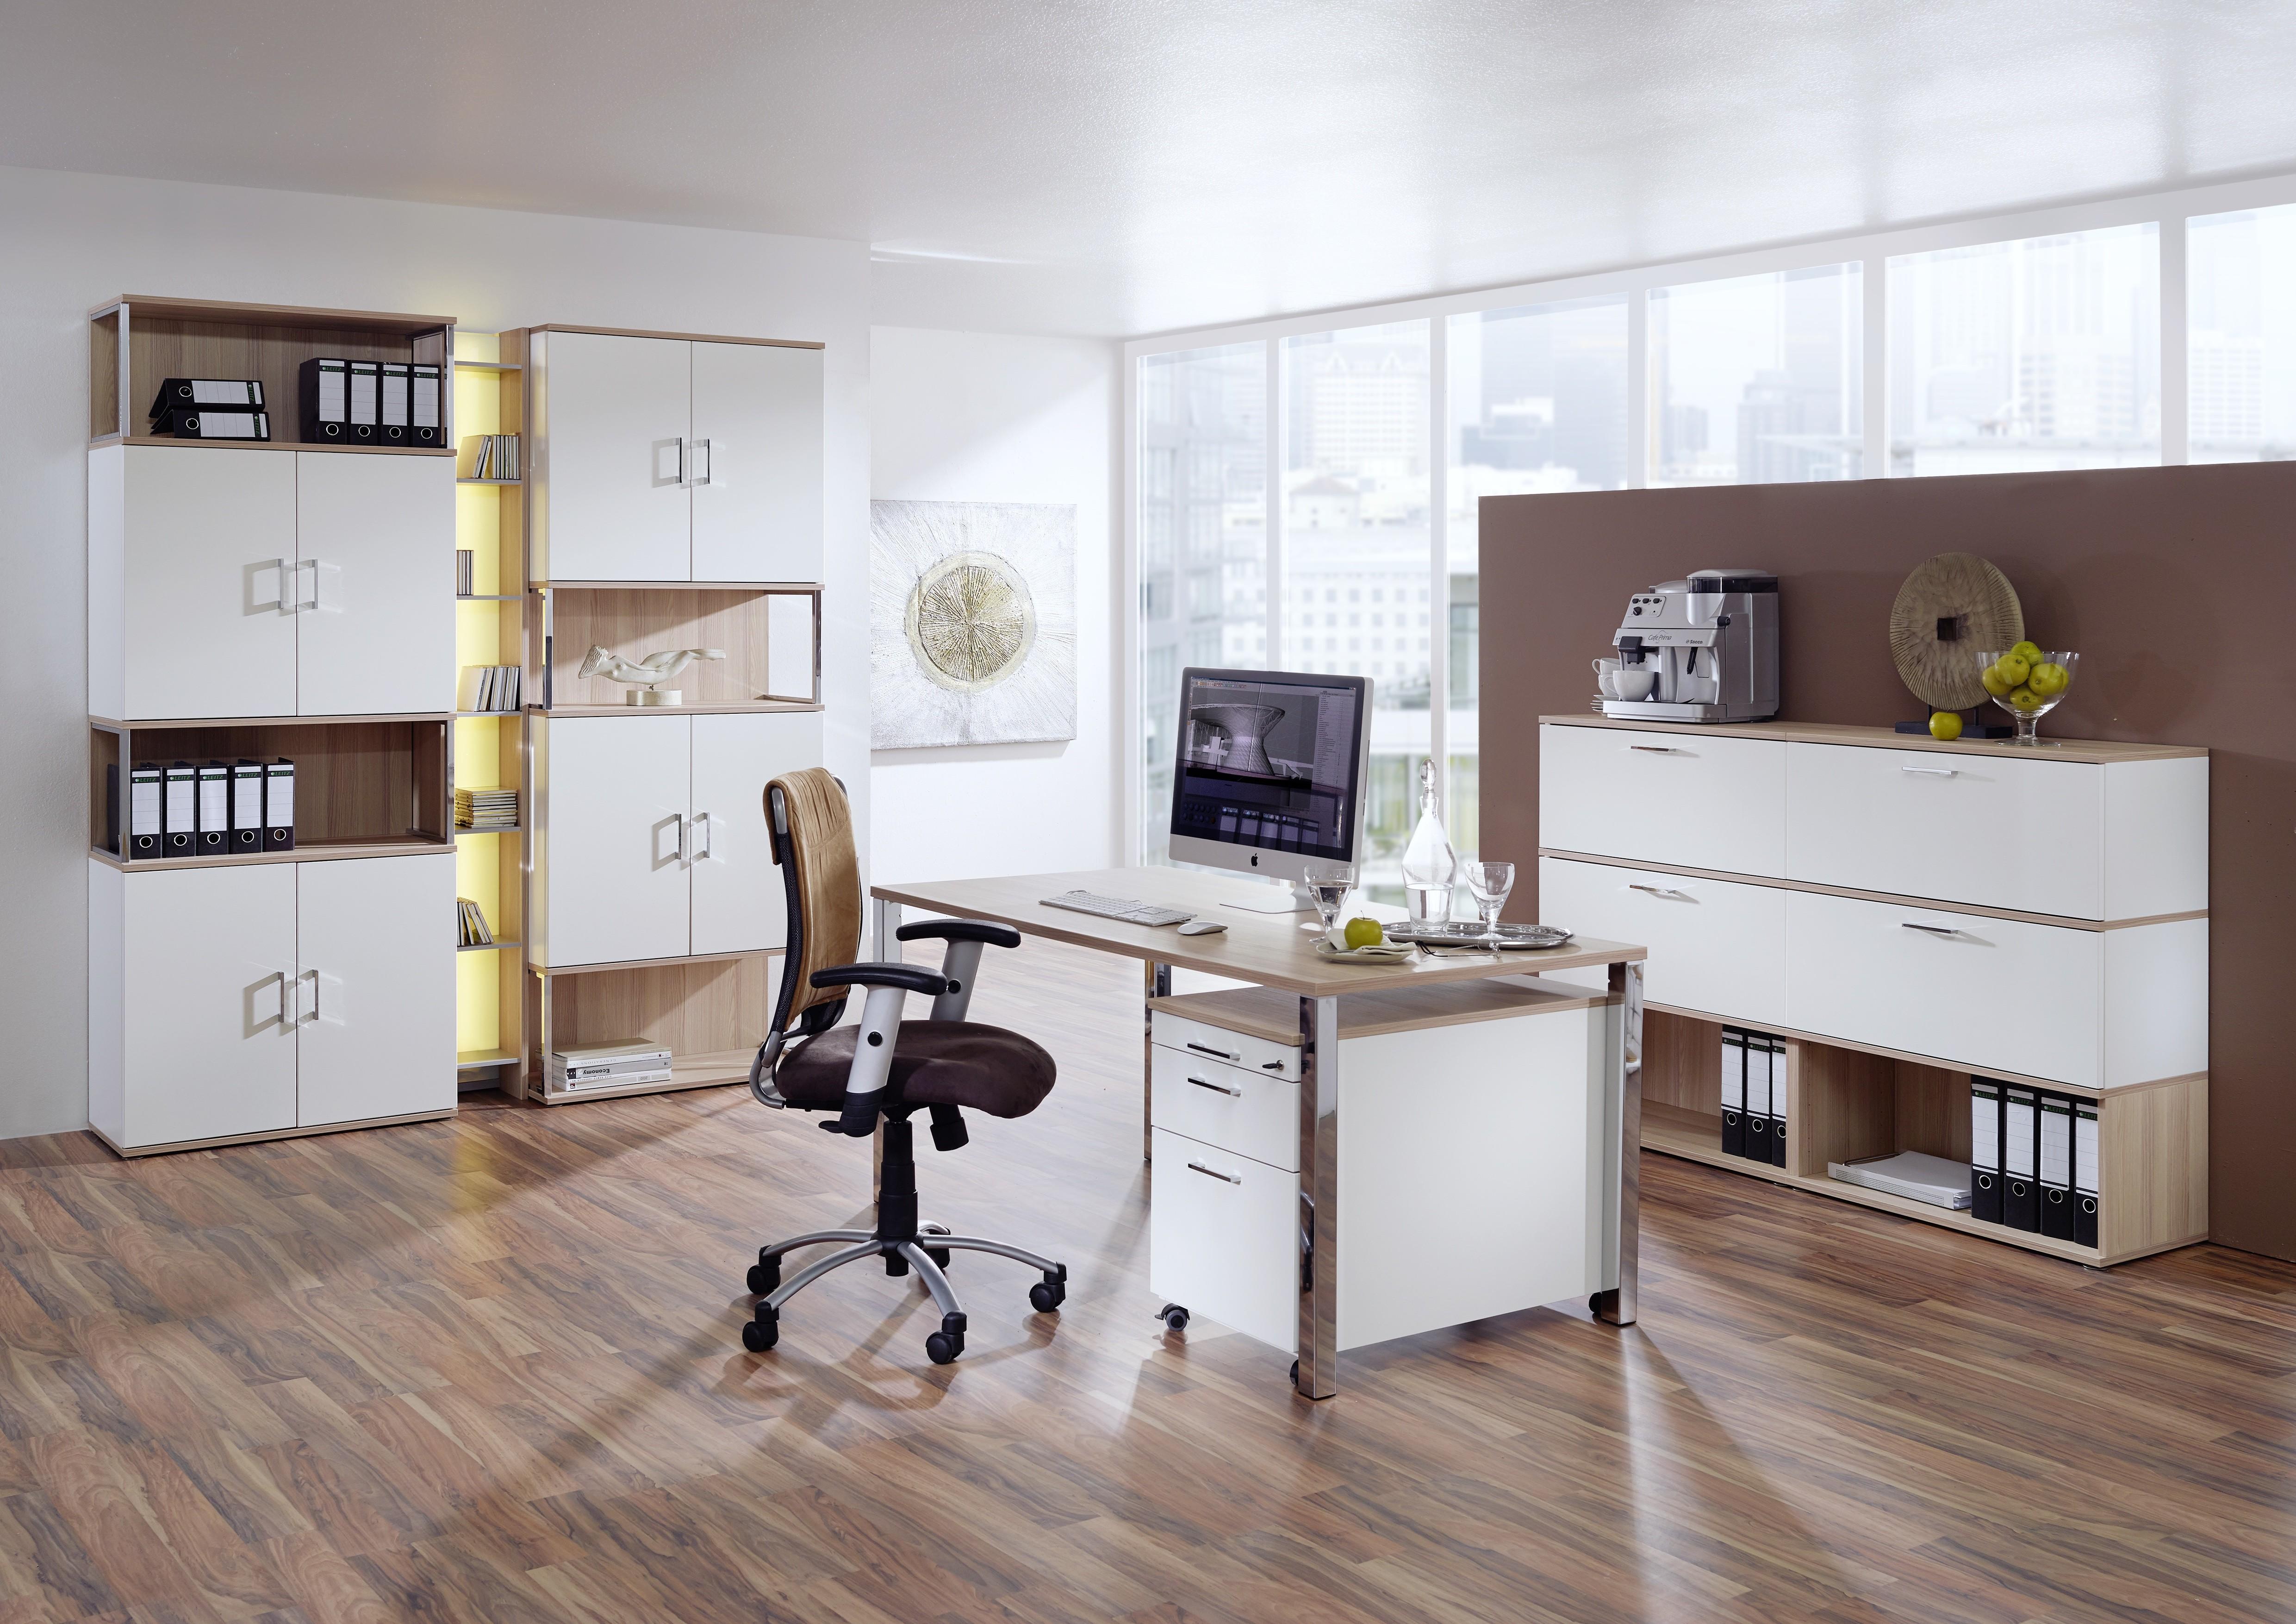 Home-Office Paket Nr. 1 mit elektrisch höhenverstellbaren Schreibtisch 04